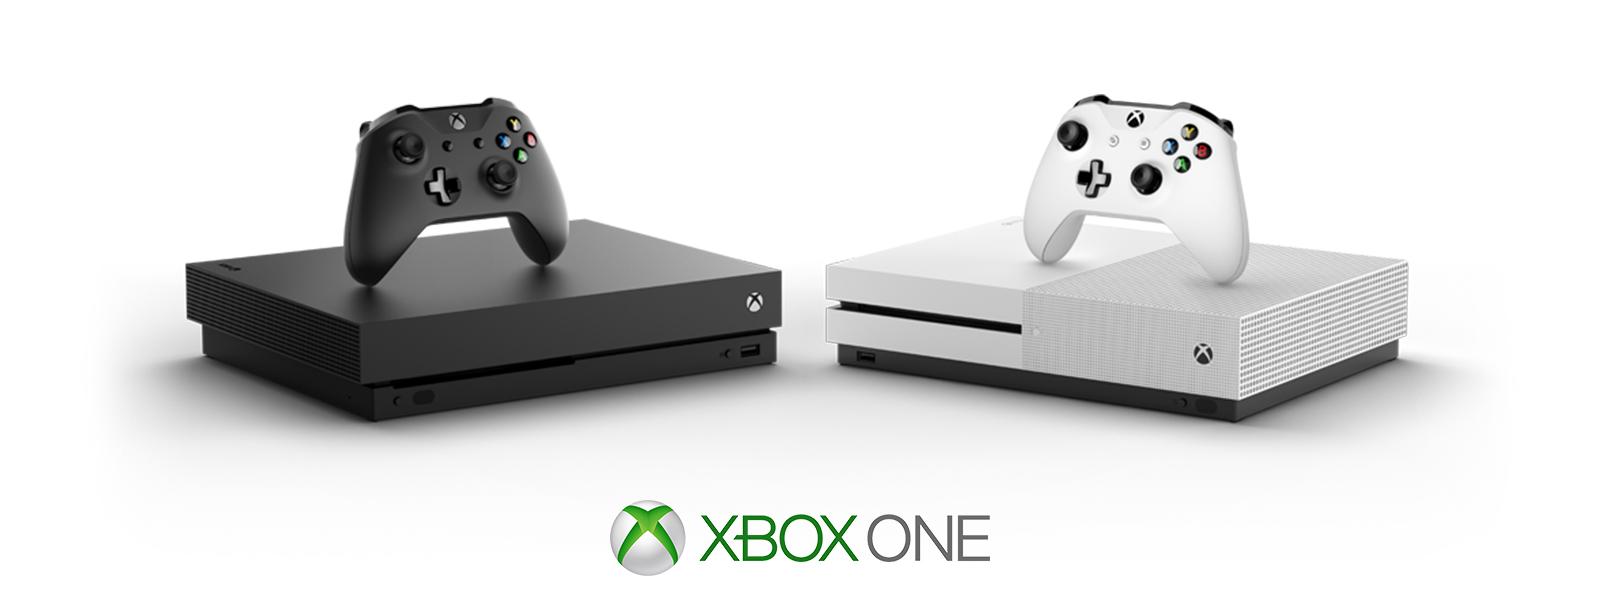 Xbox One X ו-Xbox One S